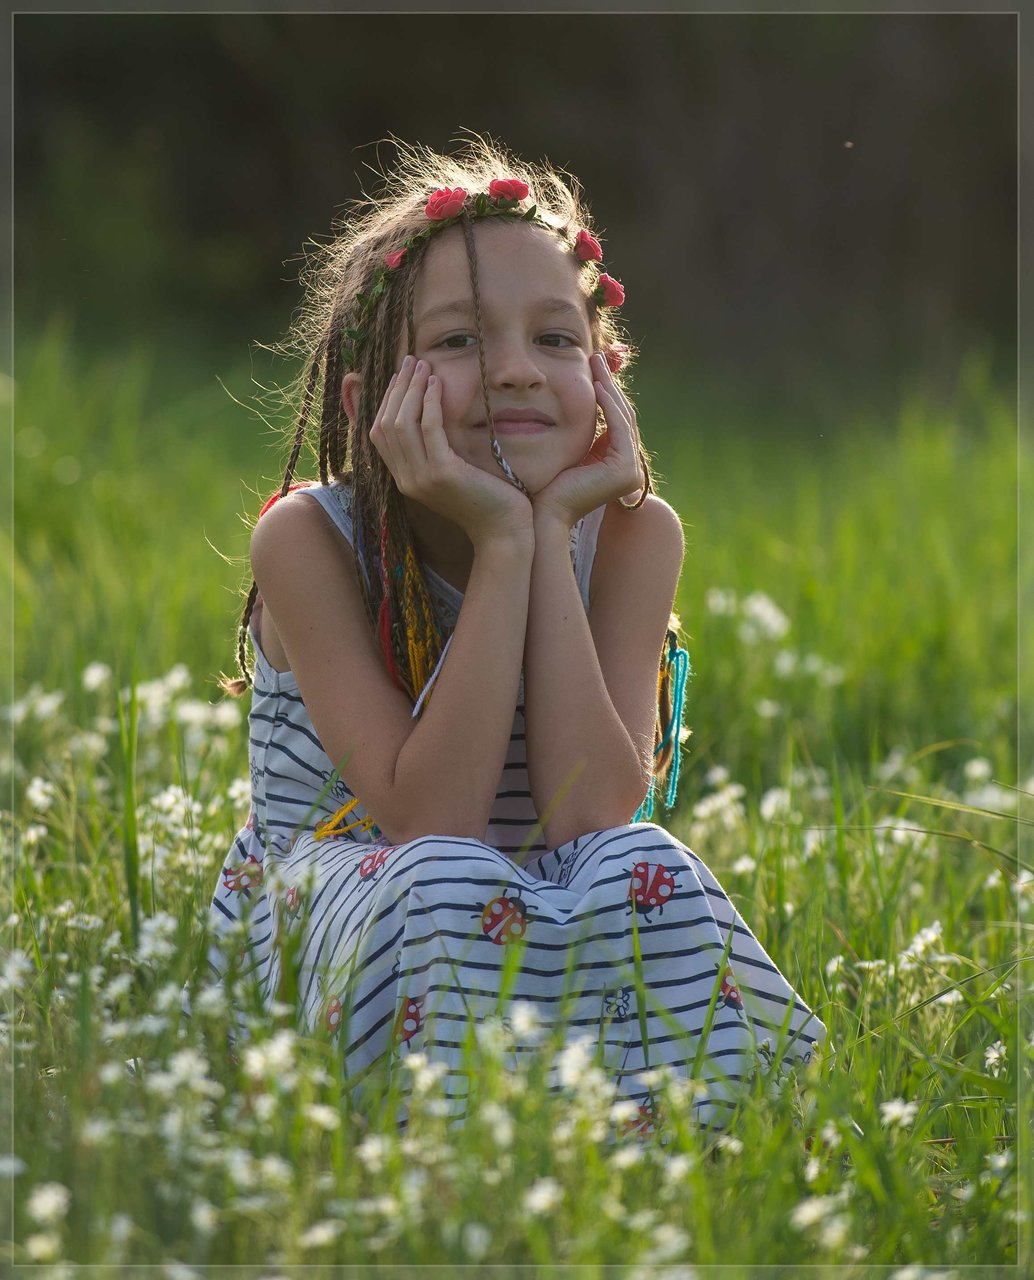 Пролетно настроение...   Author Dimityr Pavlov - doctoraaa   PHOTO FORUM